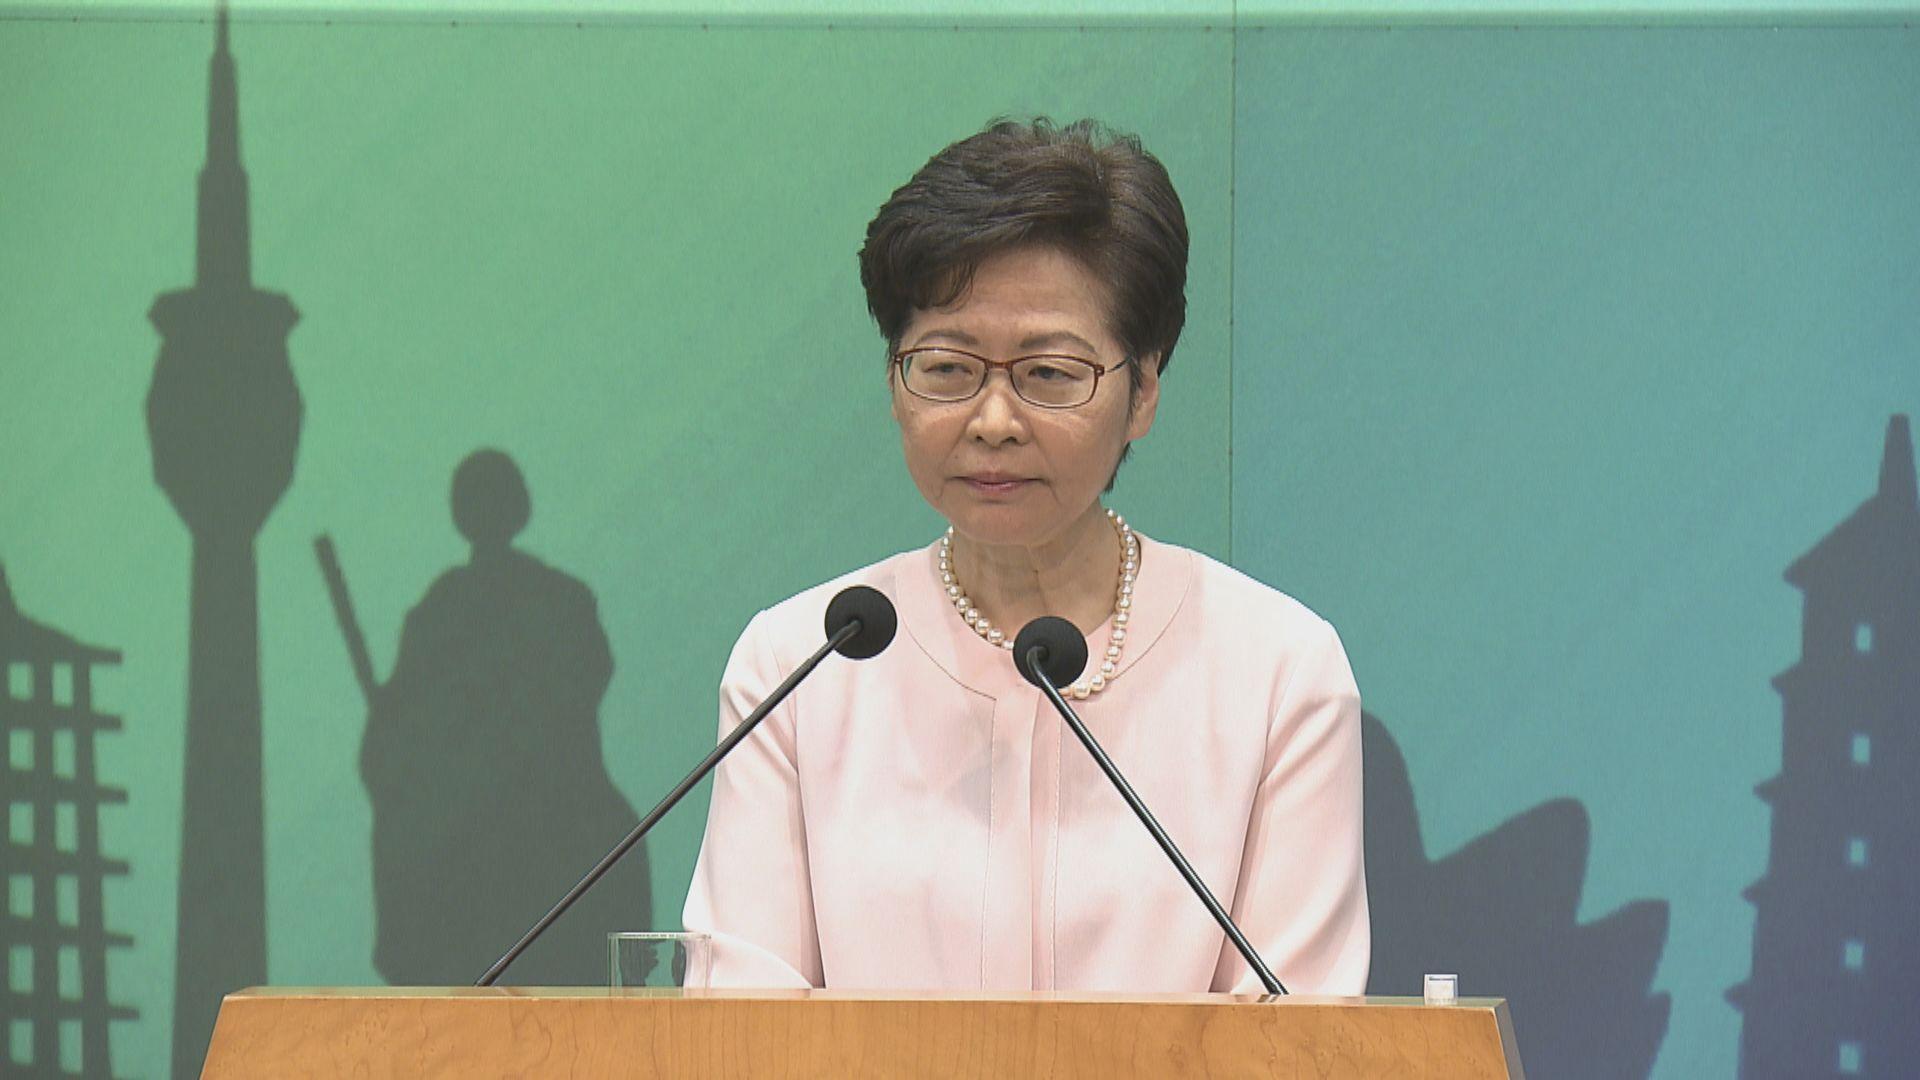 林鄭︰修訂慈善團體稅務指南為防範犯國安法